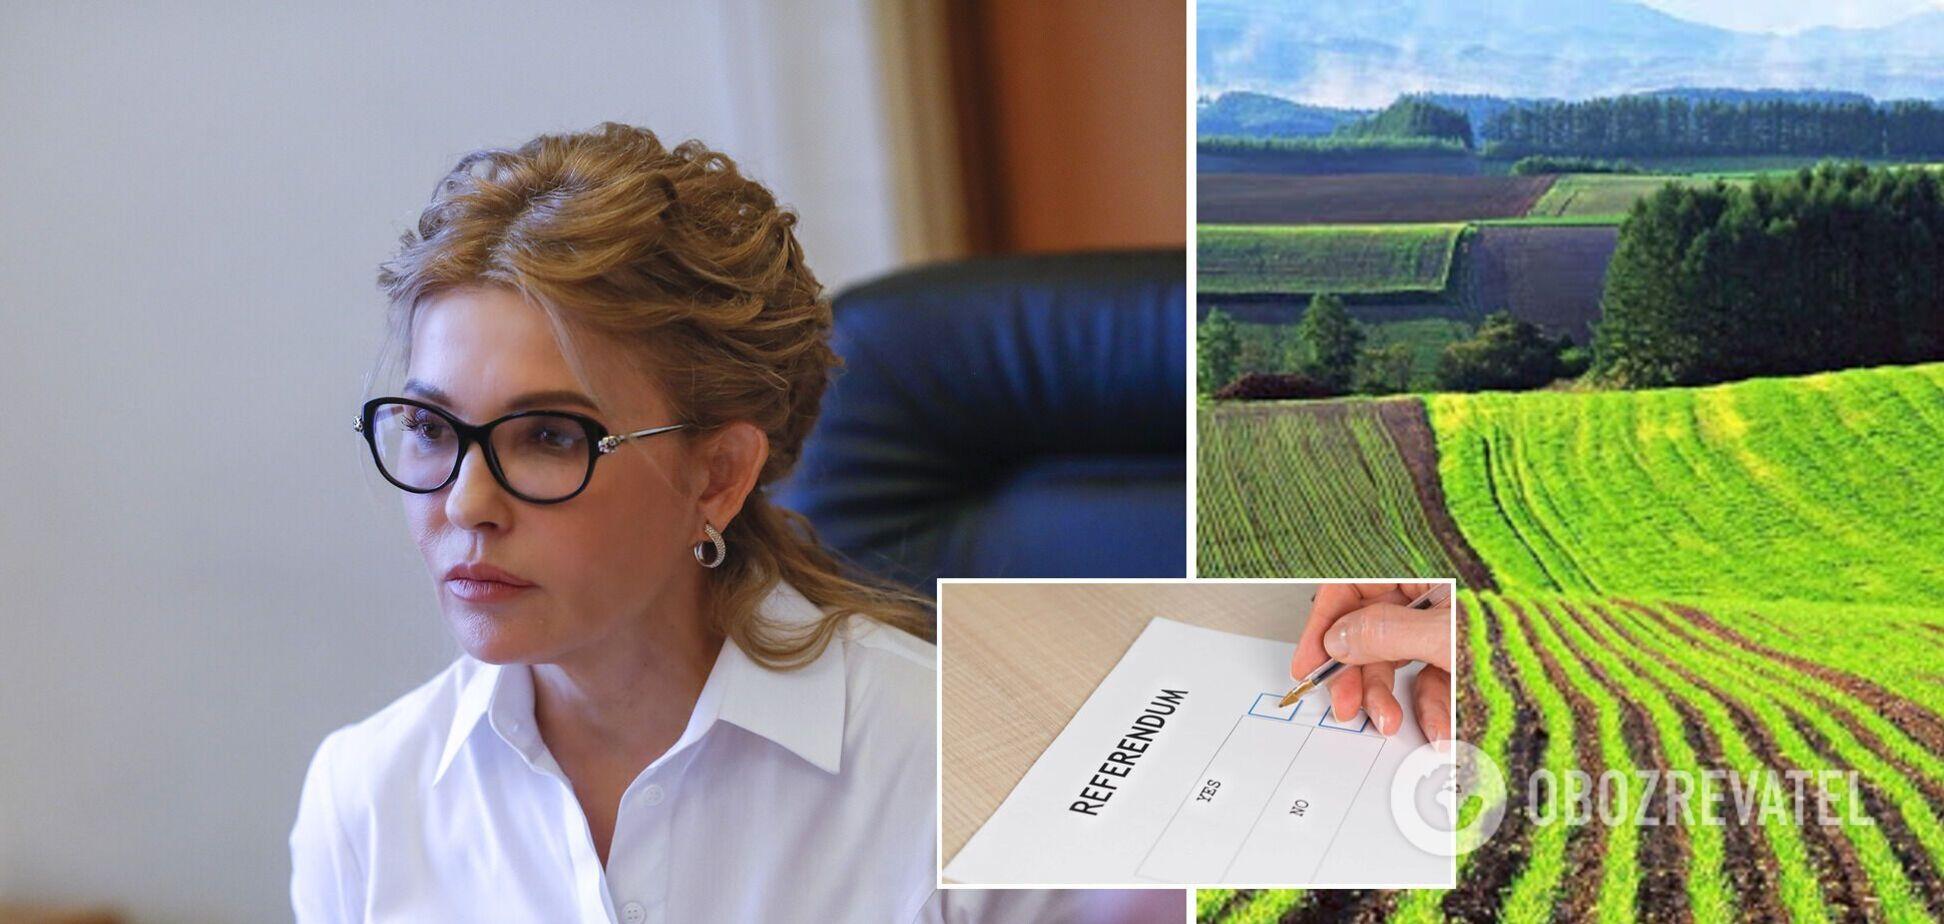 Команда 'Батьківщини' відкрила гарячу лінію щодо референдуму про землю